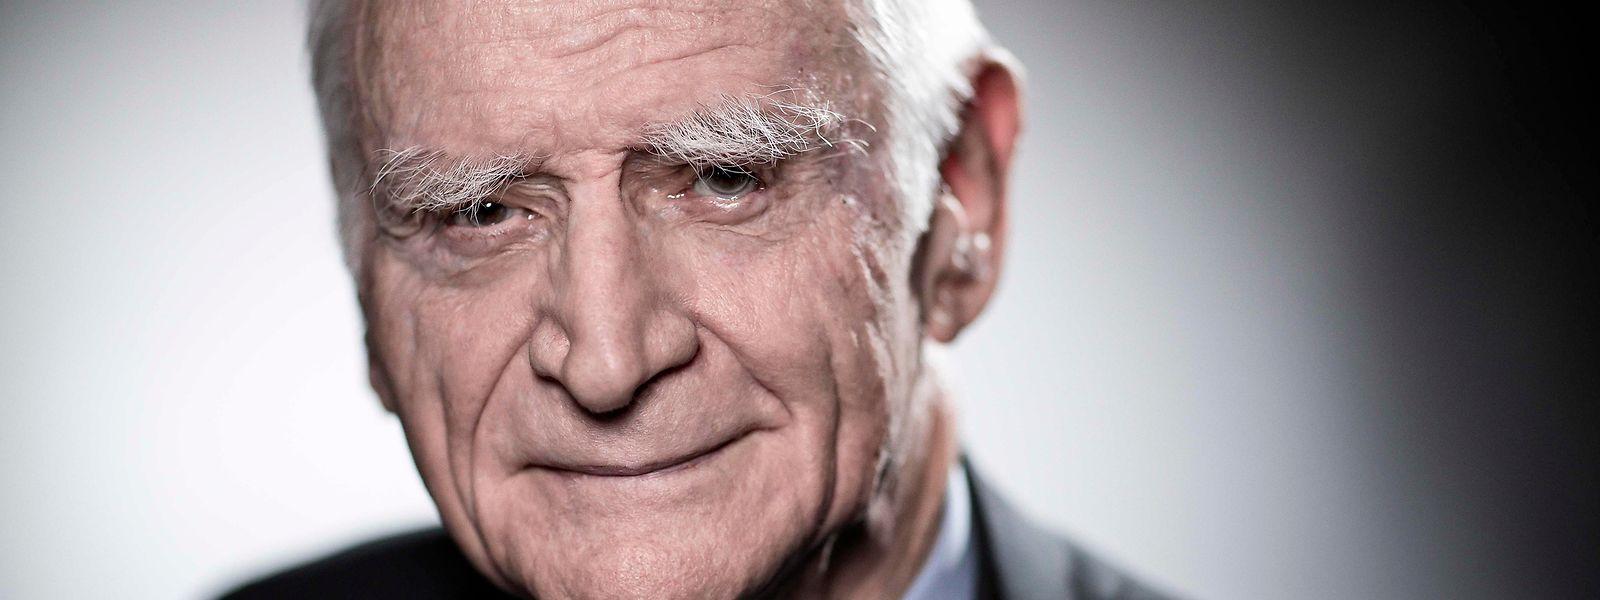 Michel Serres est mort samedi soir à 88 ans.